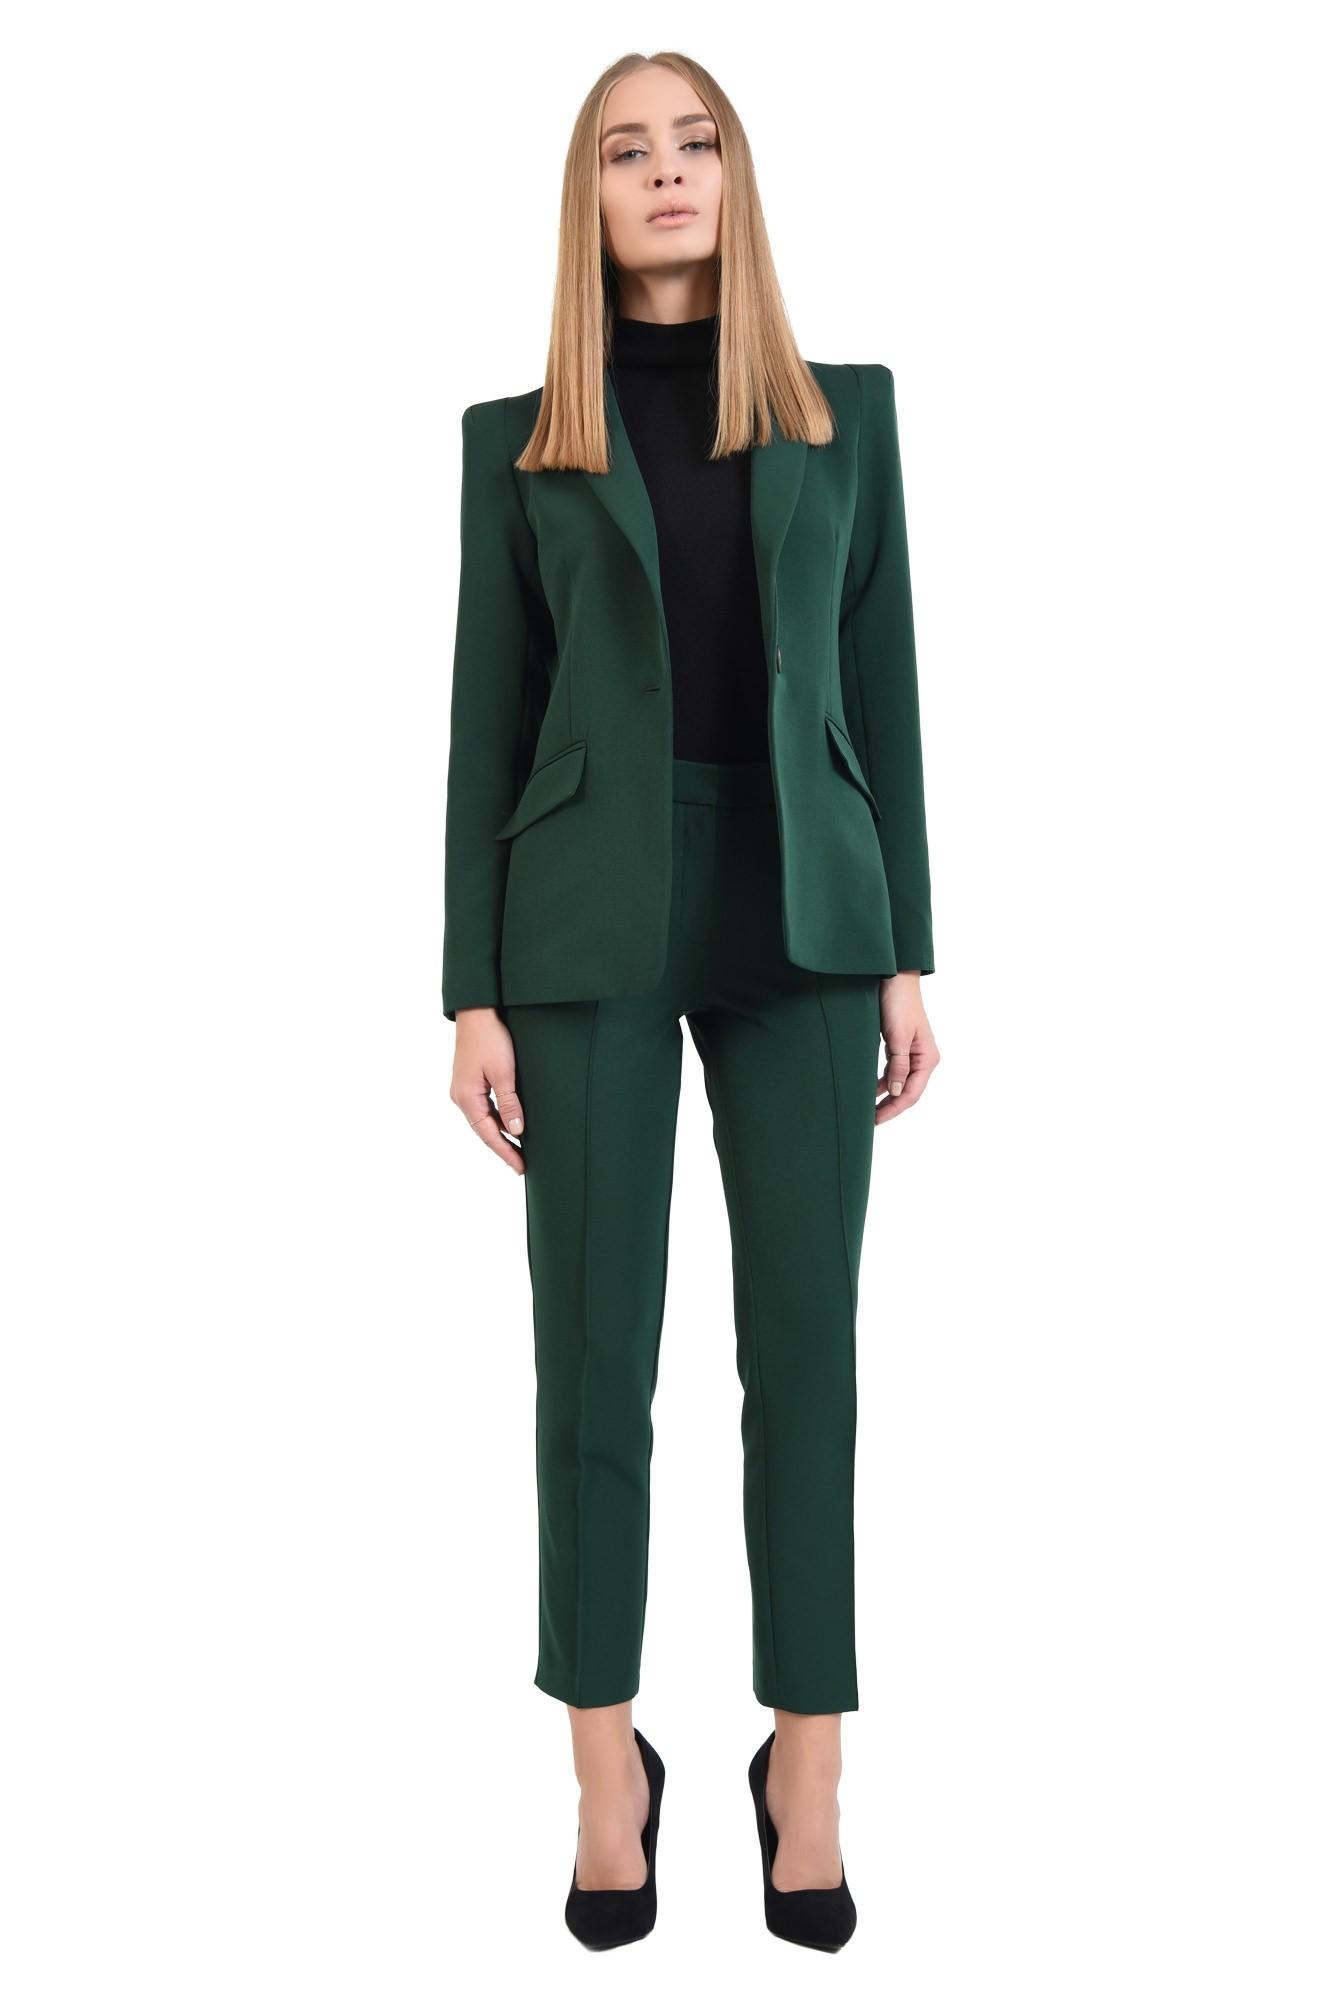 360 - pantaloni de toamna, tesatura texturata, croi pana, talie medie